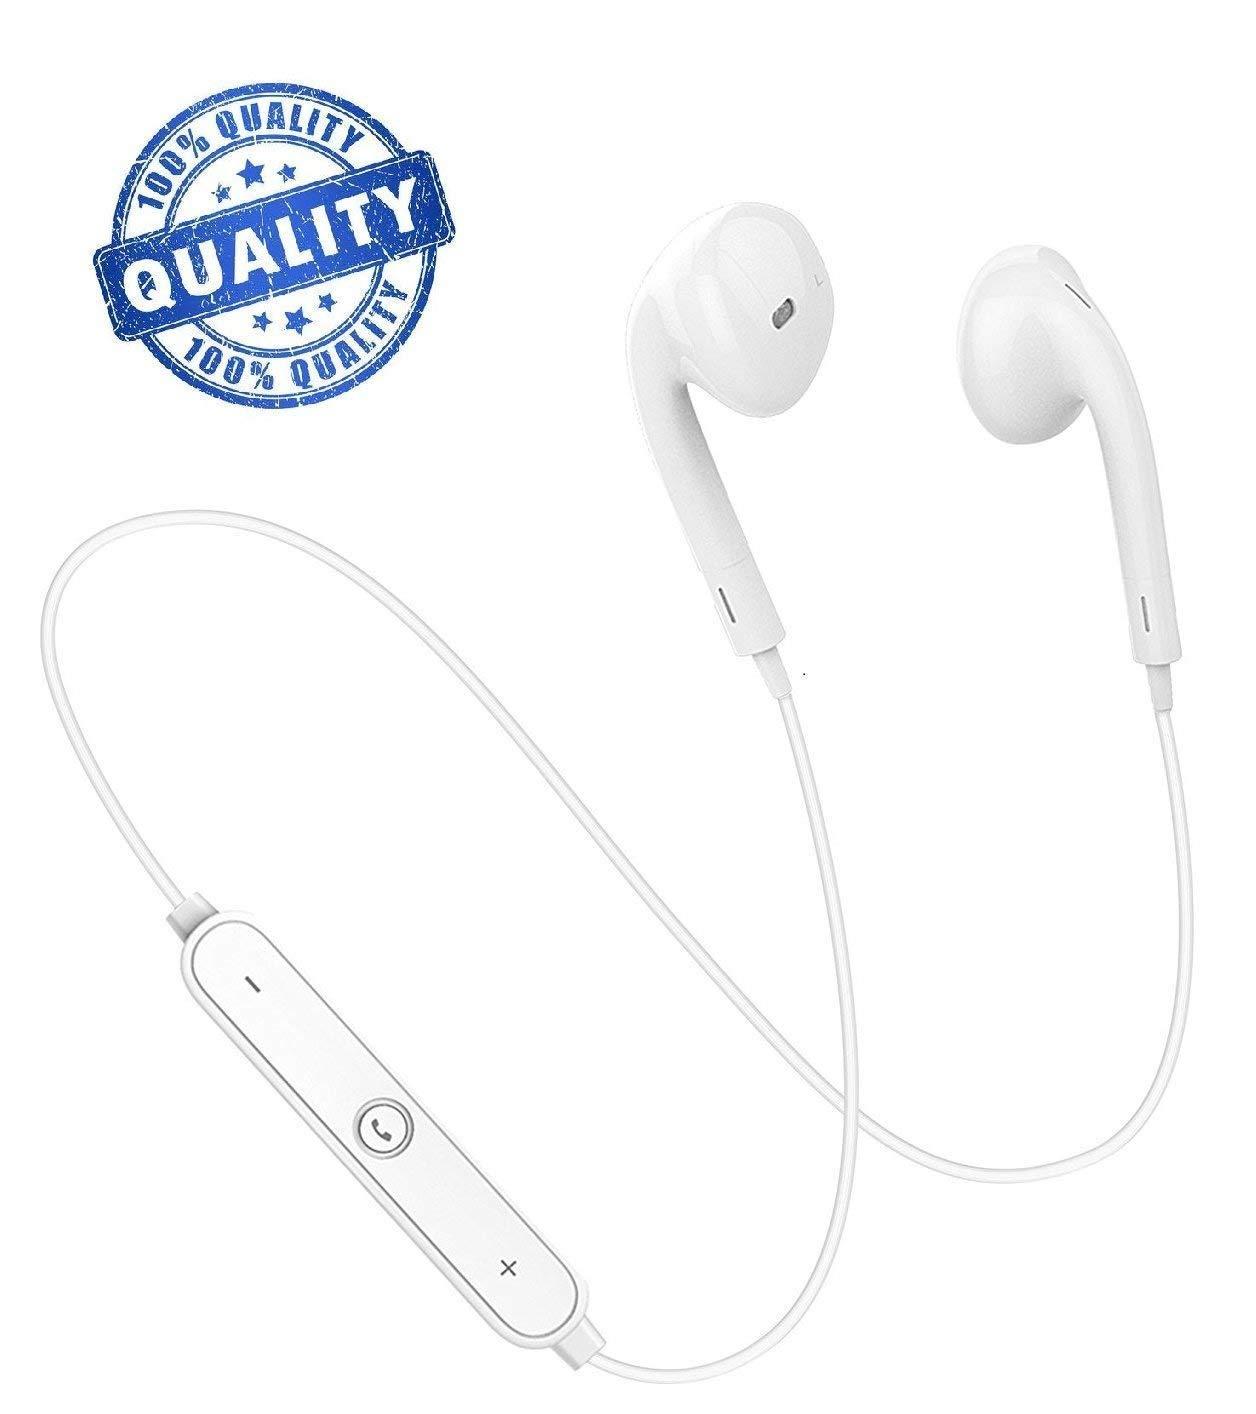 Headphones with Mic Earphones Sport Earbuds Car Headset Phone X 8 7 6s 6 Plus S9 S8 S7 Running Earbuds Waterproof Earphones Noise Cancelling Headphones